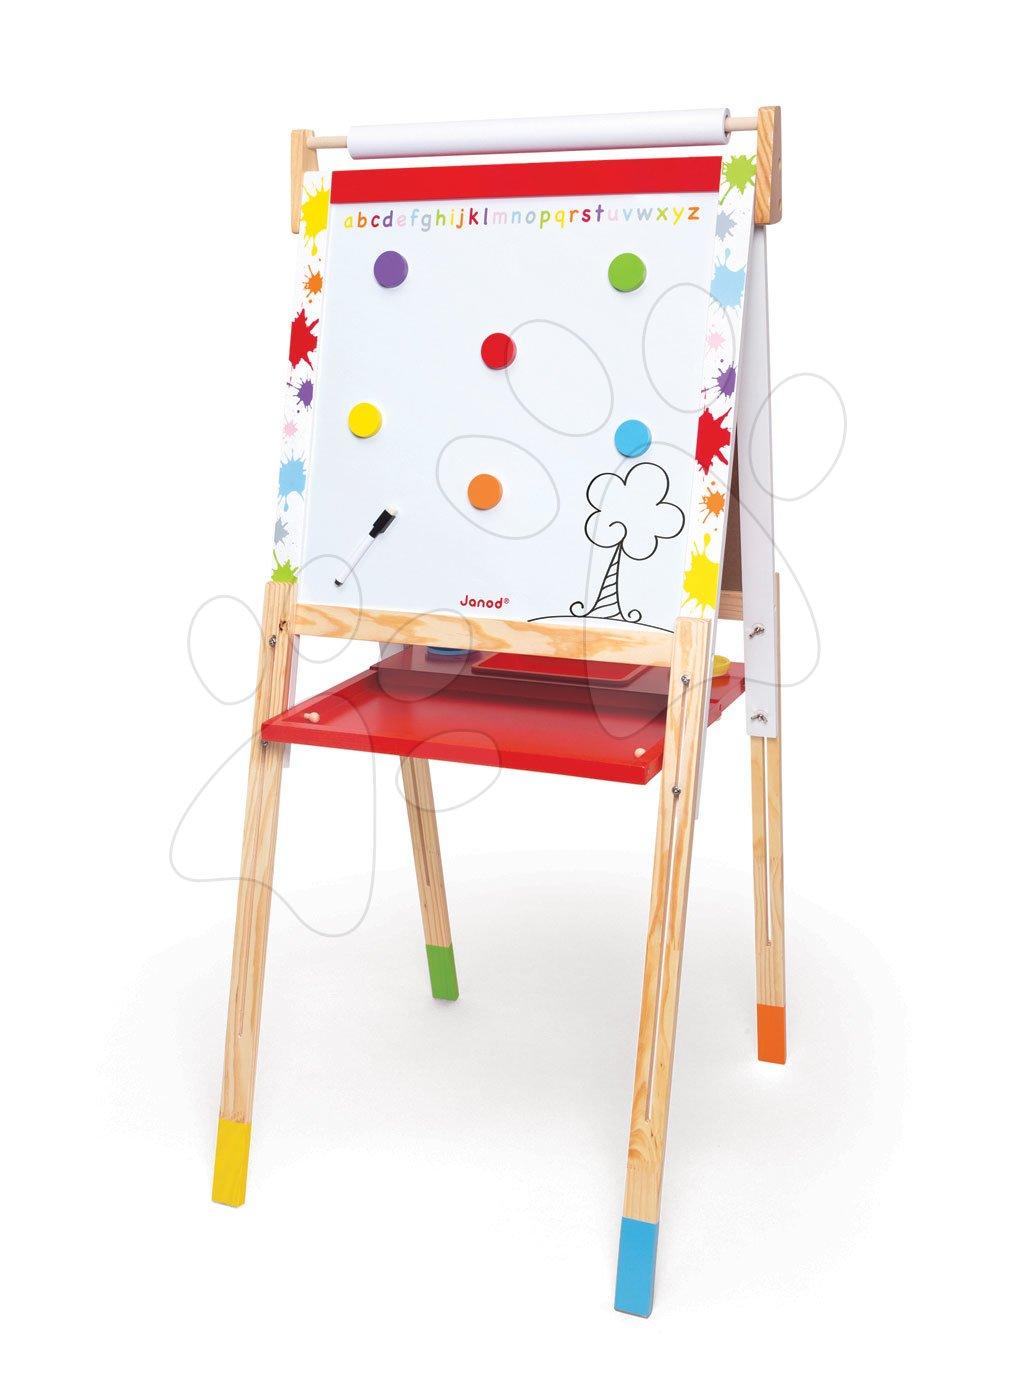 Školské tabule - Drevená školská tabuľa Graffiti Splash Janod magnetická, obojstranná a polohovateľná s 13 doplnkami od 3 rokov